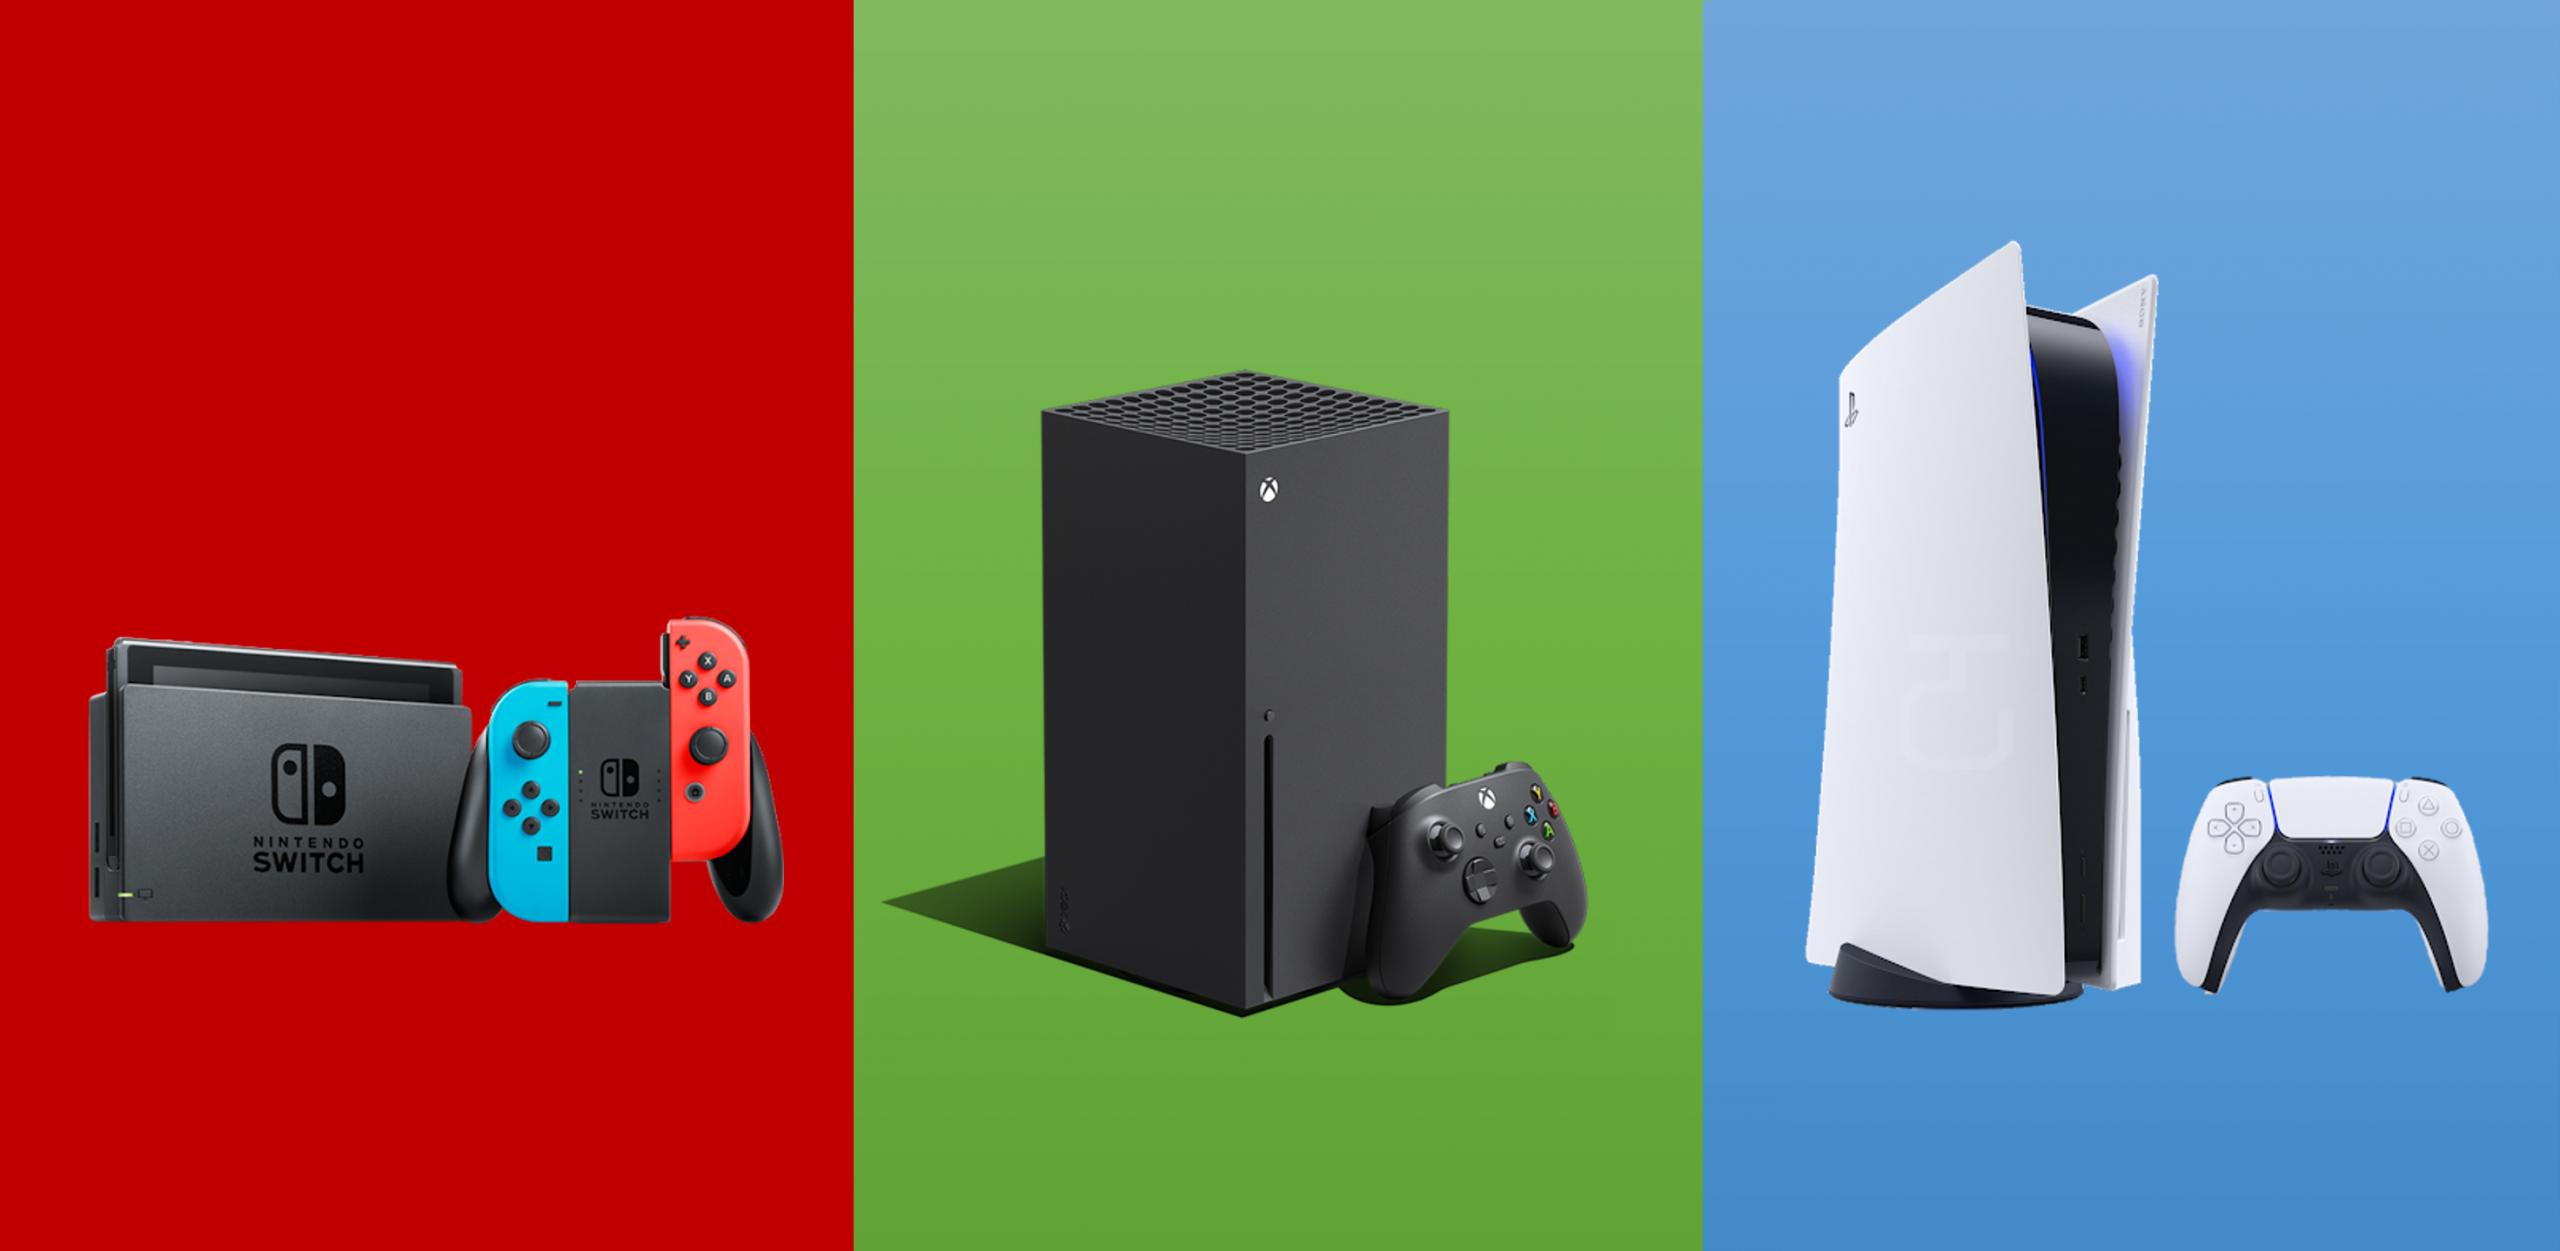 Nintendo switch em fundo vermelho; xbox series x em fundo verde; playstation 5 em fundo azul.